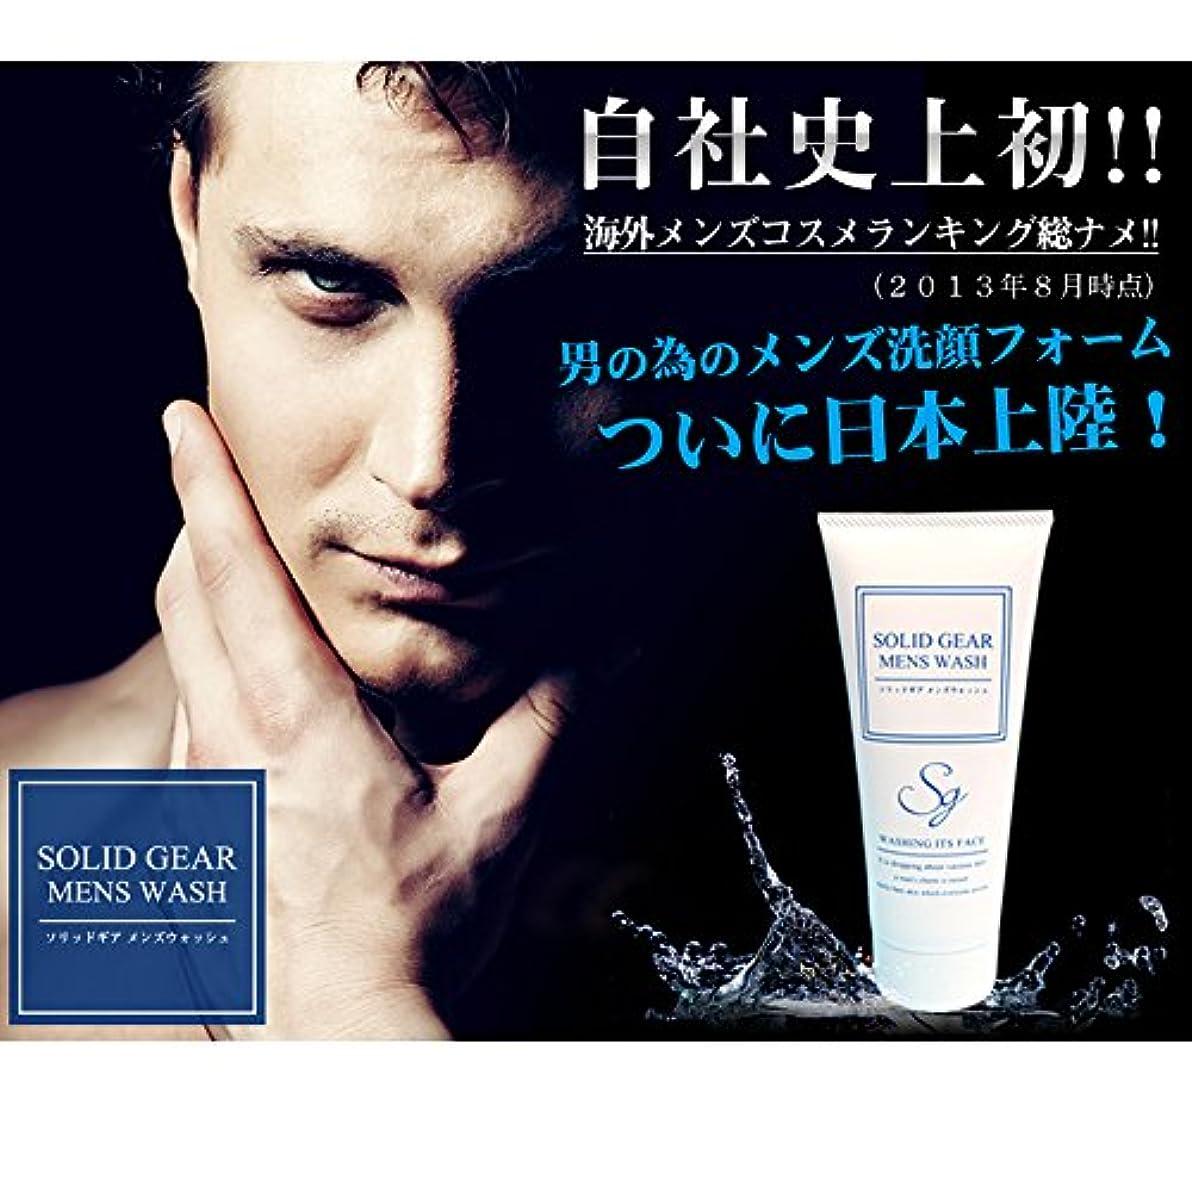 姿勢応用談話男性用洗顔フォーム ソリッドギア メンズウォッシュ